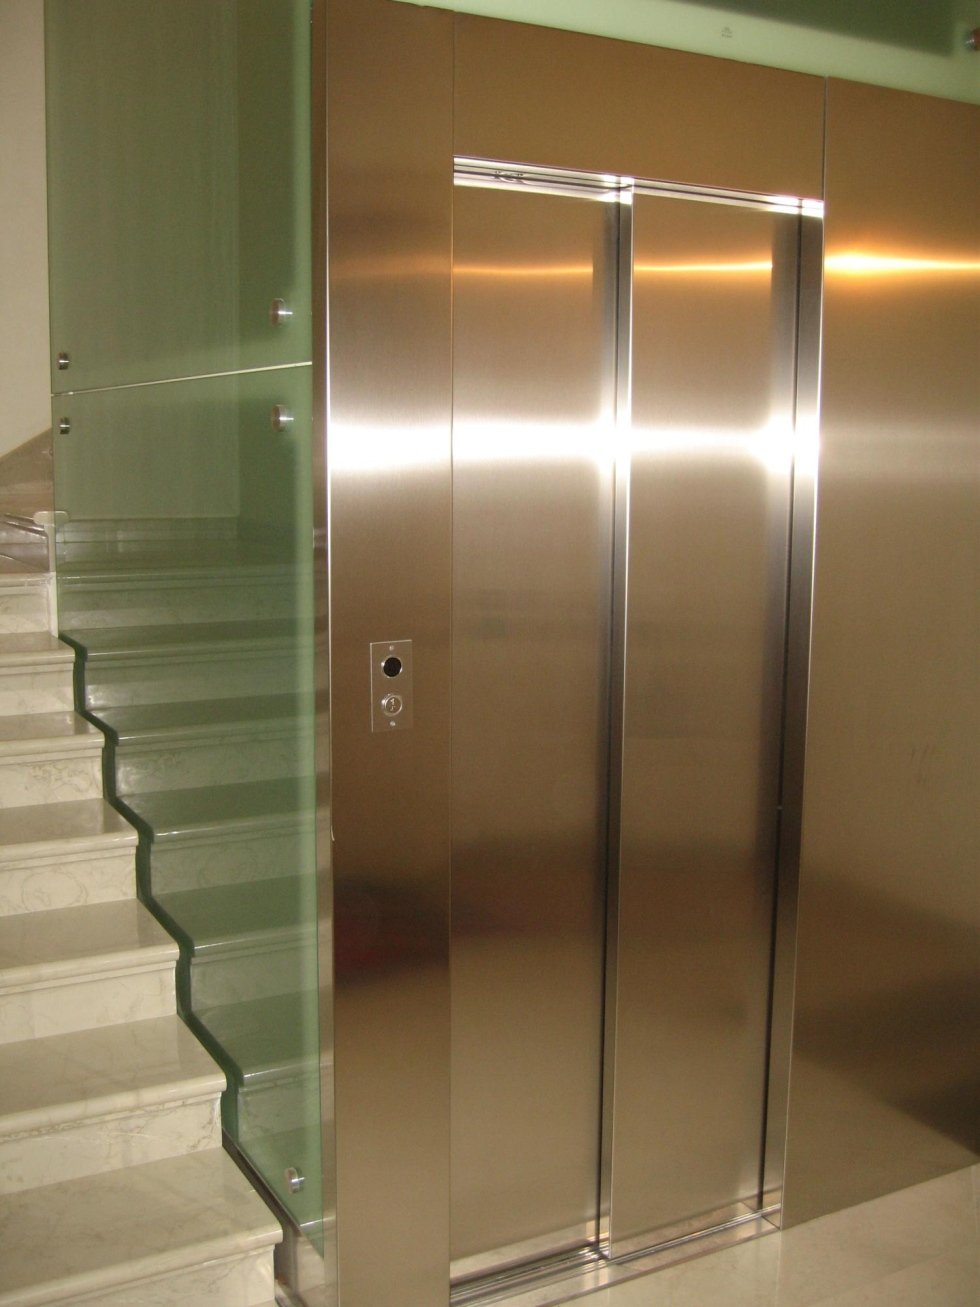 vista interna di palazzo con ascensore in inox e vetro di fianco a scala interna